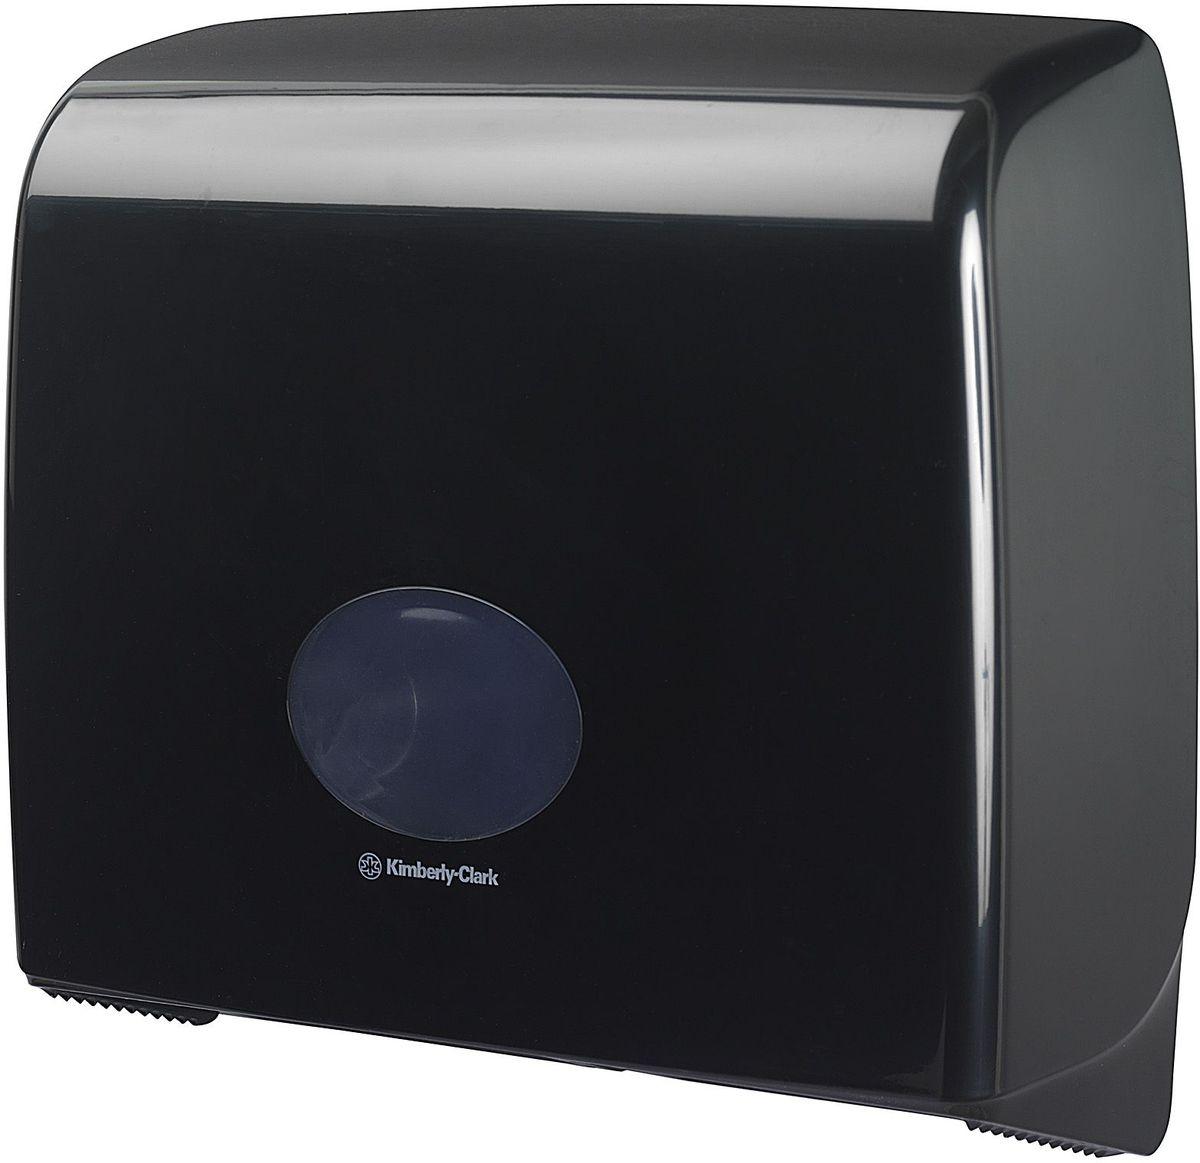 Диспенсер для туалетной бумаги Aquarius Jumbo, большой рулон, цвет: черный. 71847184Ассортимент диспенсеров для рулонной туалетной бумаги, которые выполнены в одном стиле с диспенсерами для мыла и для полотенец для рук. Диспенсеры мотивируют сотрудников соблюдать гигиенические нормы, повышают уровень комфорта, демонстрируют заботу о персонале и помогают сократить расходы. Идеальное решение, обеспечивающее подачу рулонной туалетной бумаги из элегантного диспенсера в туалетных комнатах с высокой проходимостью, легкая загрузка, практичное, гигиеничное и экономичное решение. Формат поставки: диспенсер современного дизайна, обтекаемой формы, обеспечивающий быструю заправку; черное глянцевое, легко очищаемое покрытие; отсутствие мест скопления пыли и грязи; смотровое окно для контроля за расходными материалами; возможность выбора цветовых вставок в соответствие с интерьером конкретных туалетных комнат. Замена диспенсера 6987. Совместим с туалетной бумагой: 8440, 8442, 8446, 8449, 8474, 8484, 8517, 8519, 8559.